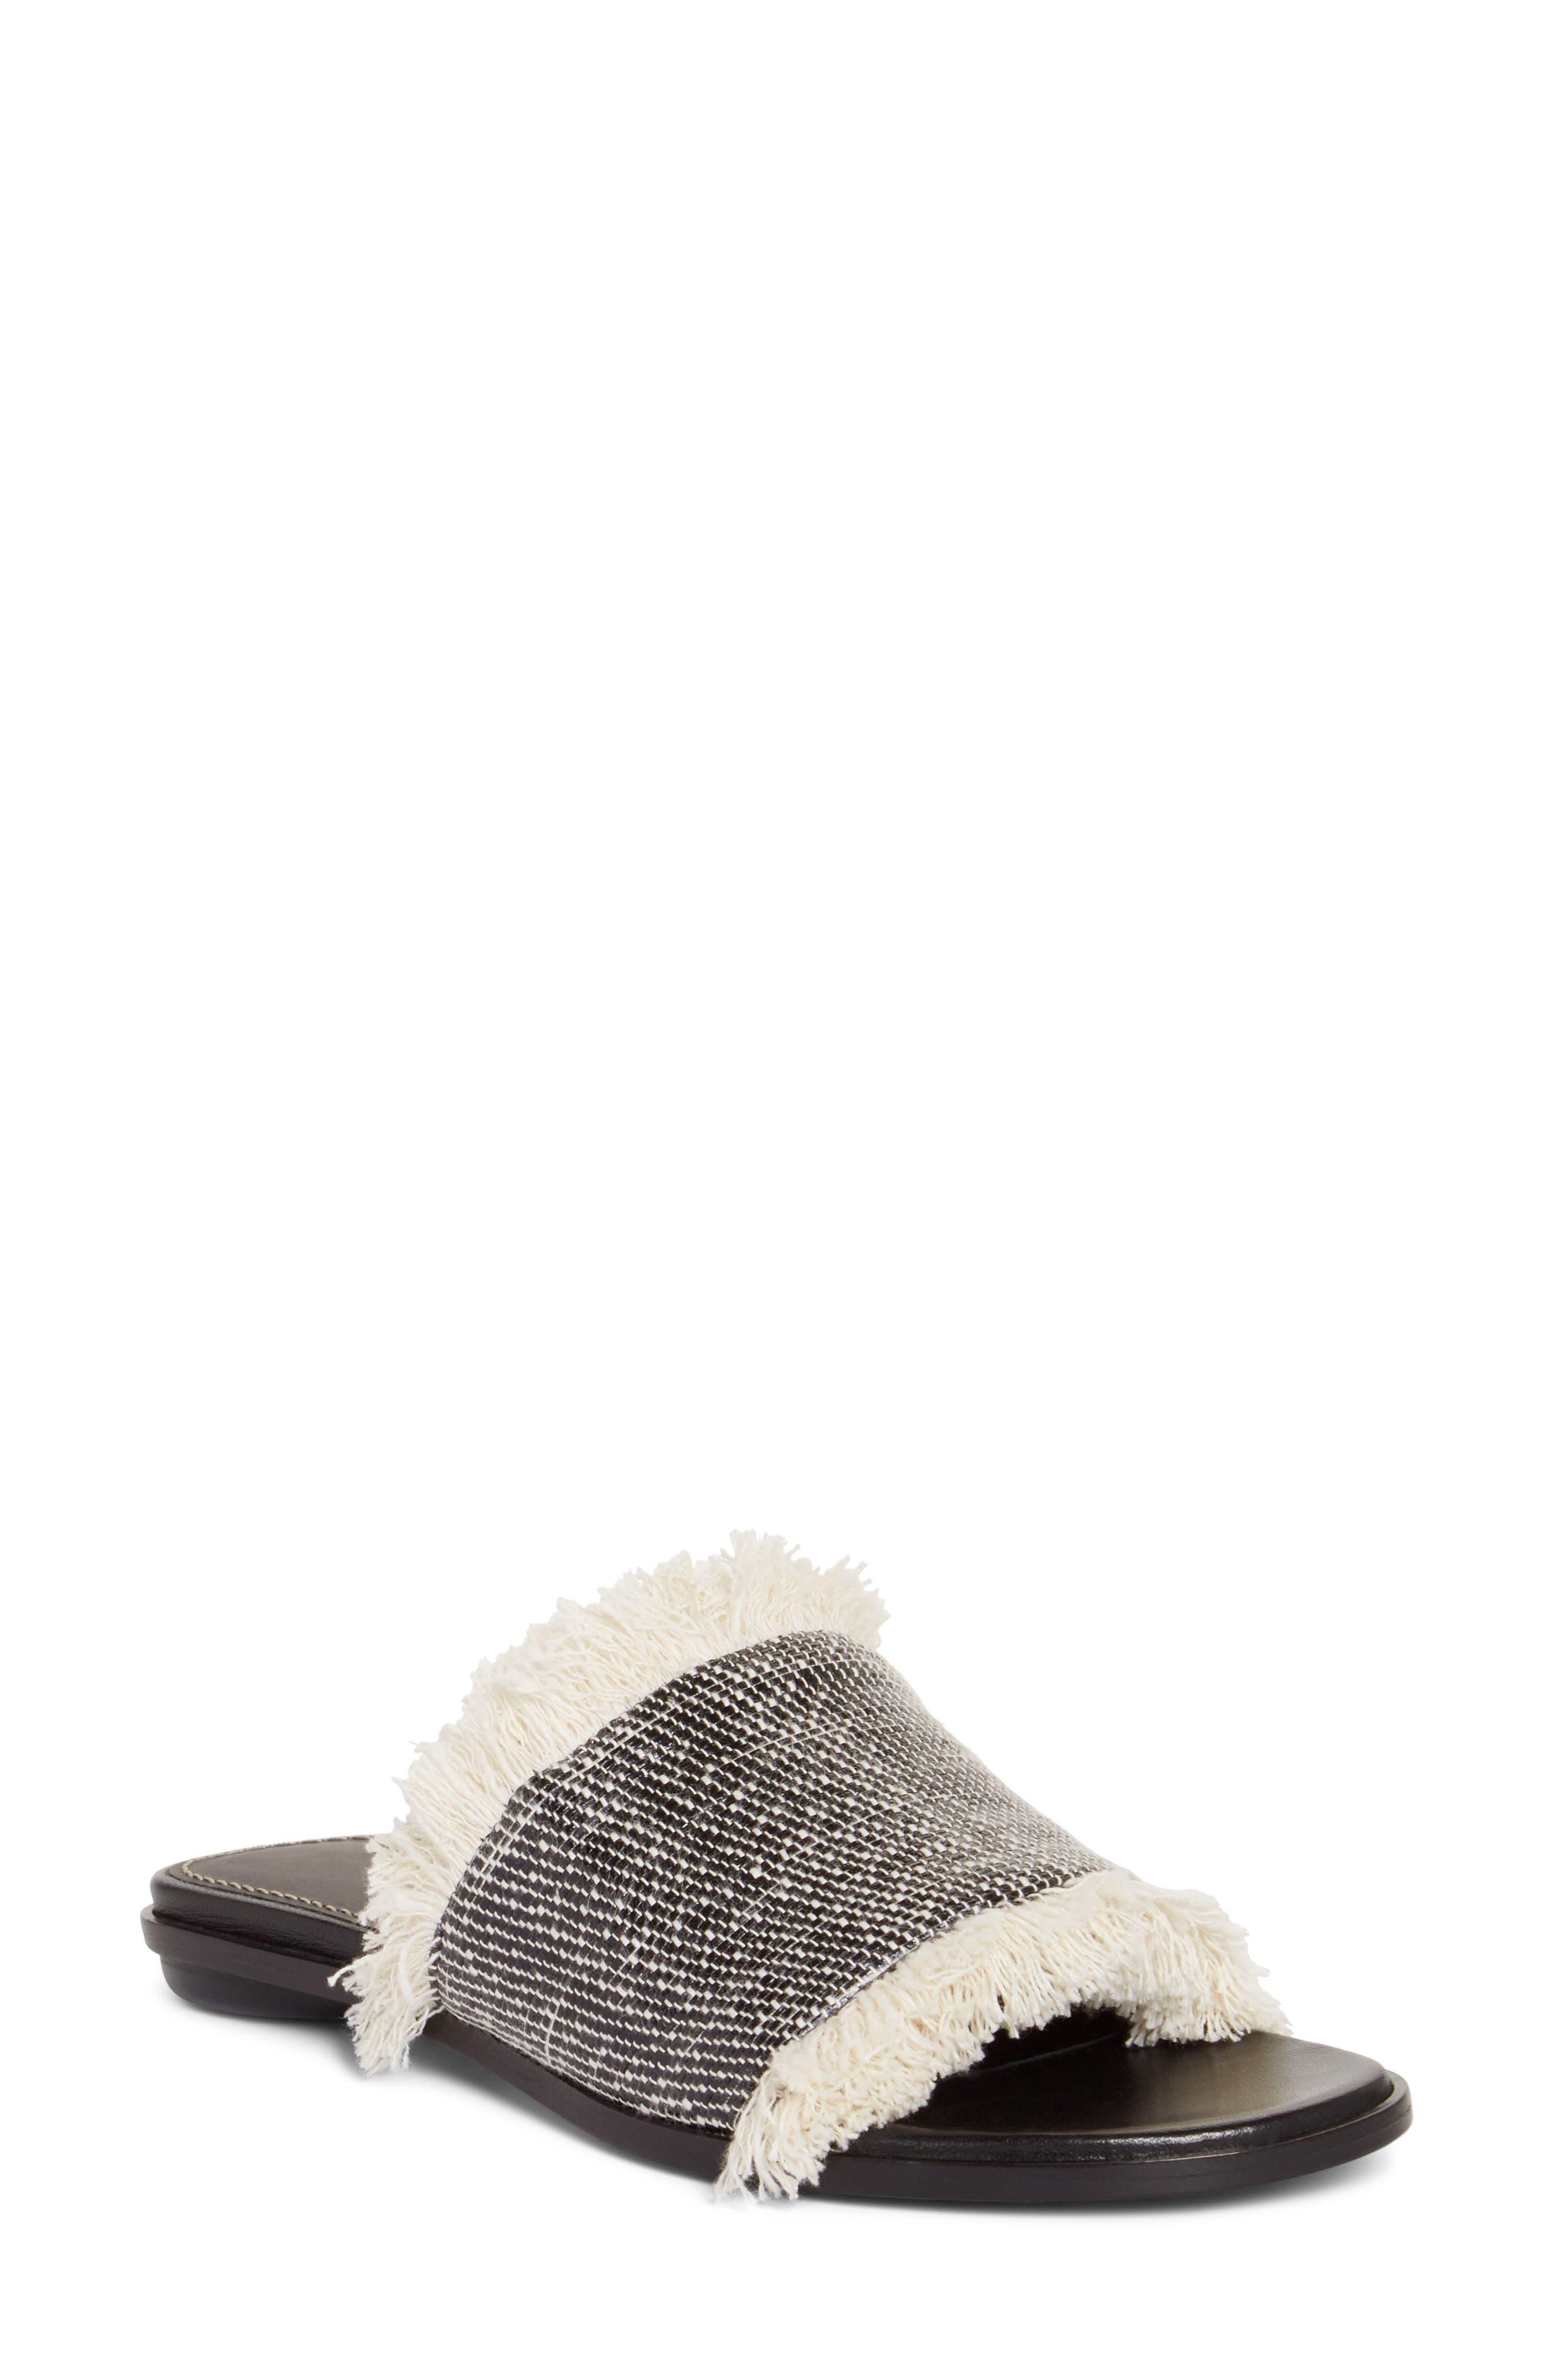 Fringe Slide Sandal,                         Main,                         color, Black/ Natural